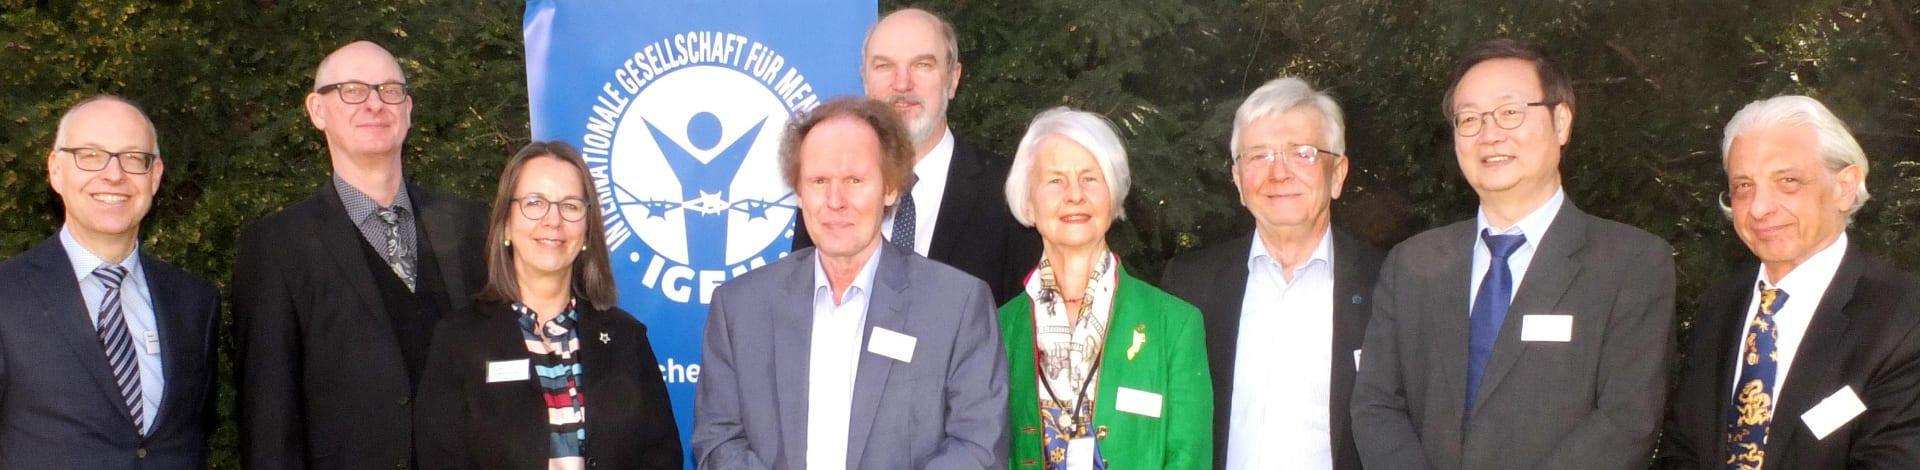 Der Vorstand der IGFM im Jahr 2018